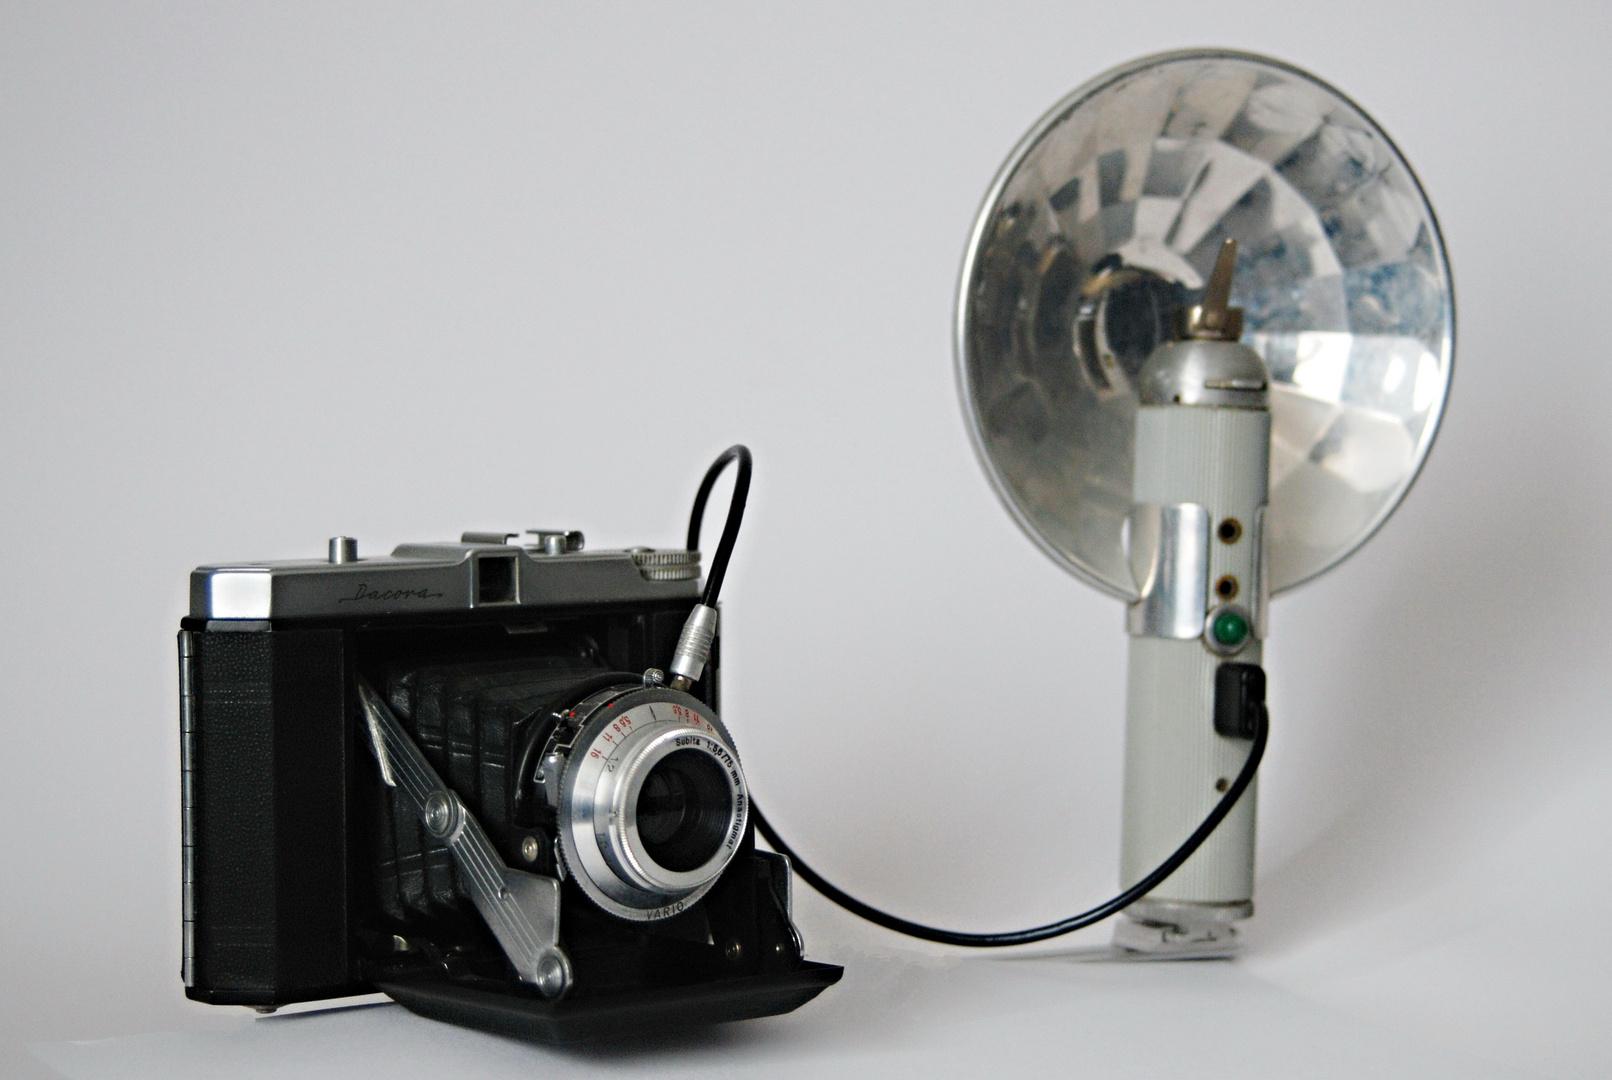 Die frühere Blitzlichtfotografie